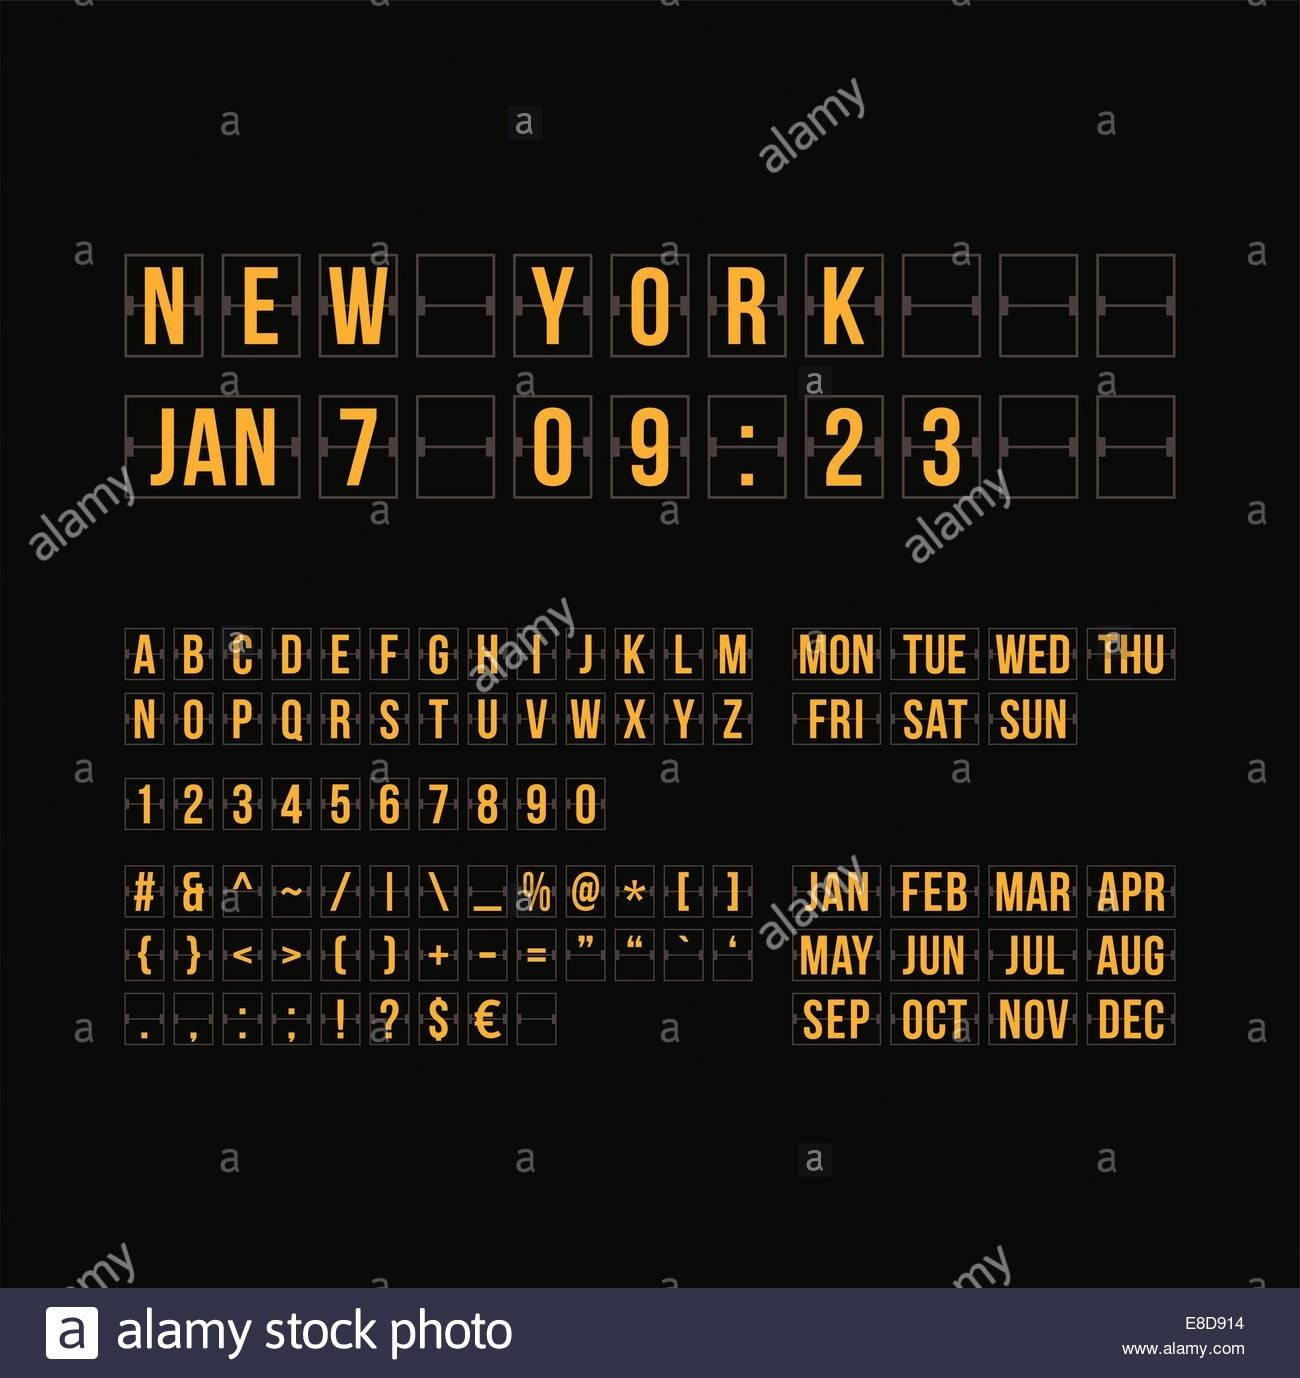 Tear Off Day Calendar Stock Photos & Tear Off Day Calendar Stock_Calendar Countdown Between Dates